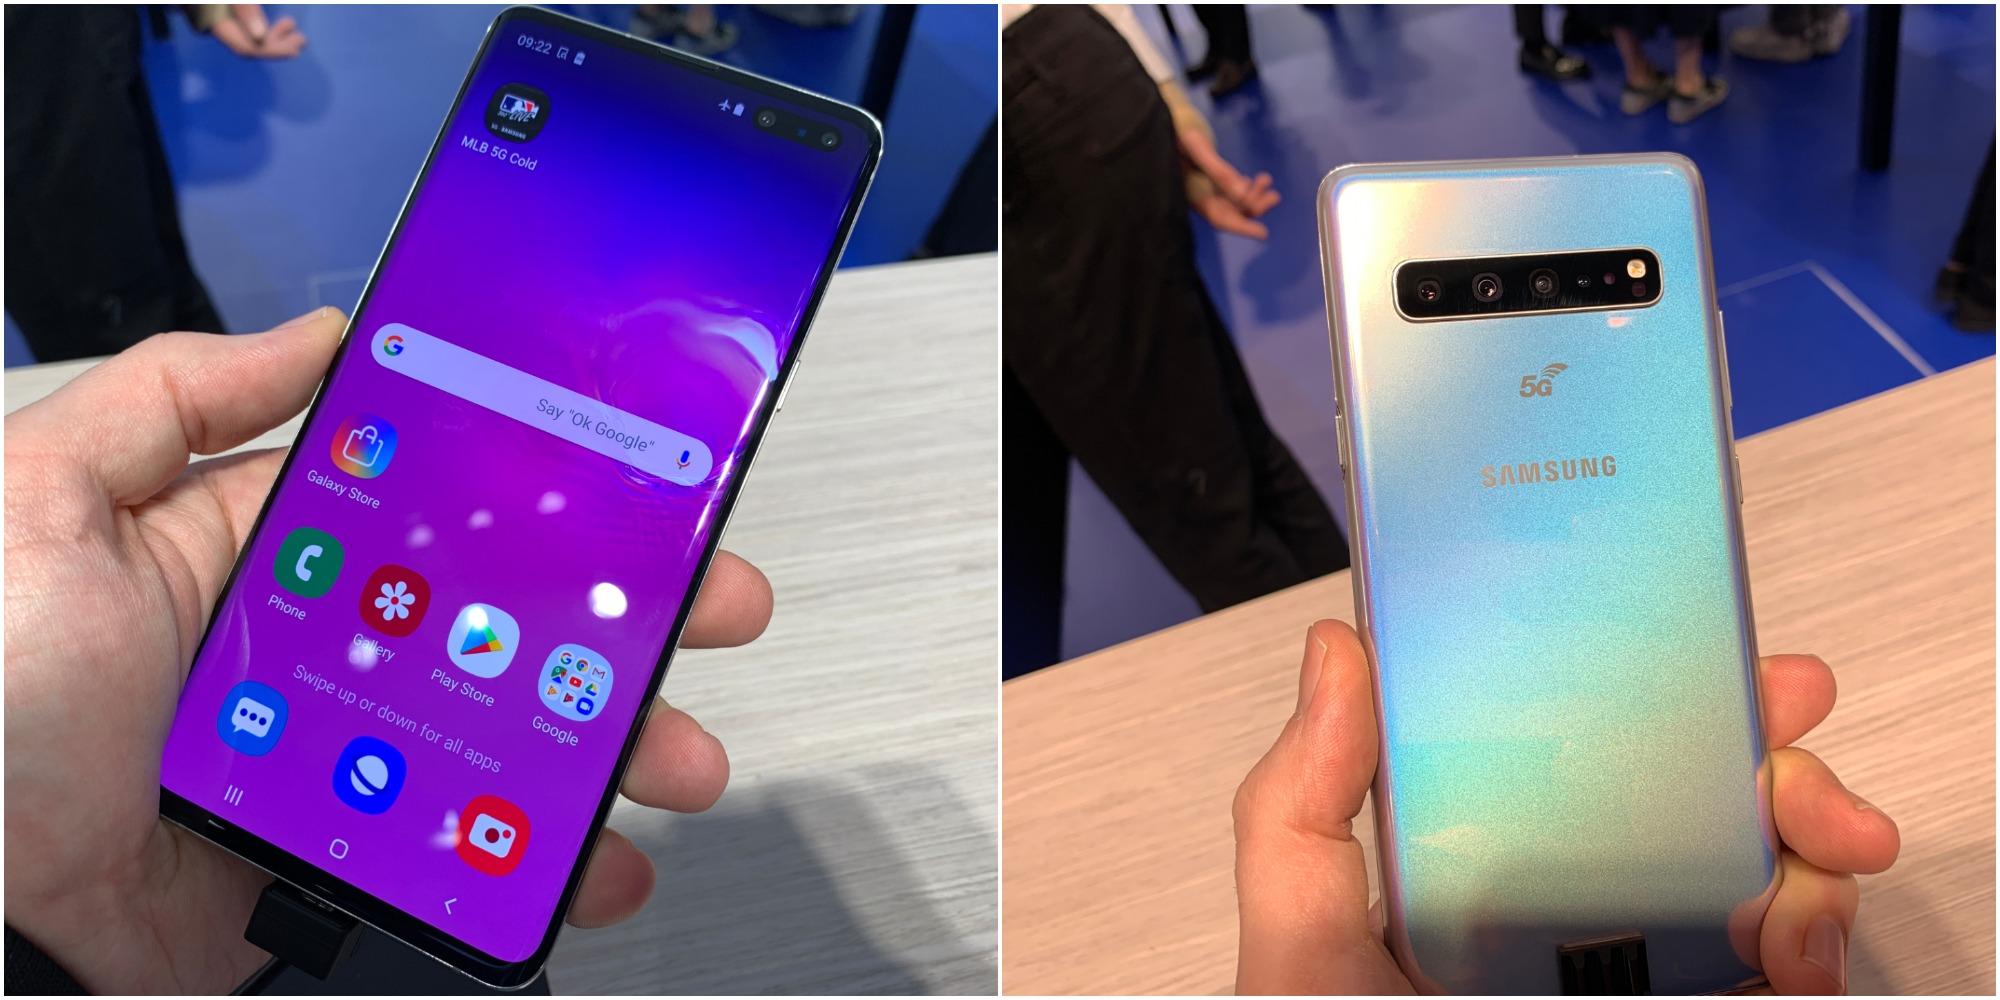 Samsung Galaxy S10 5G:ssä on muöd muita S10-malleja suurempi näyttö ja enemmän kameroita.